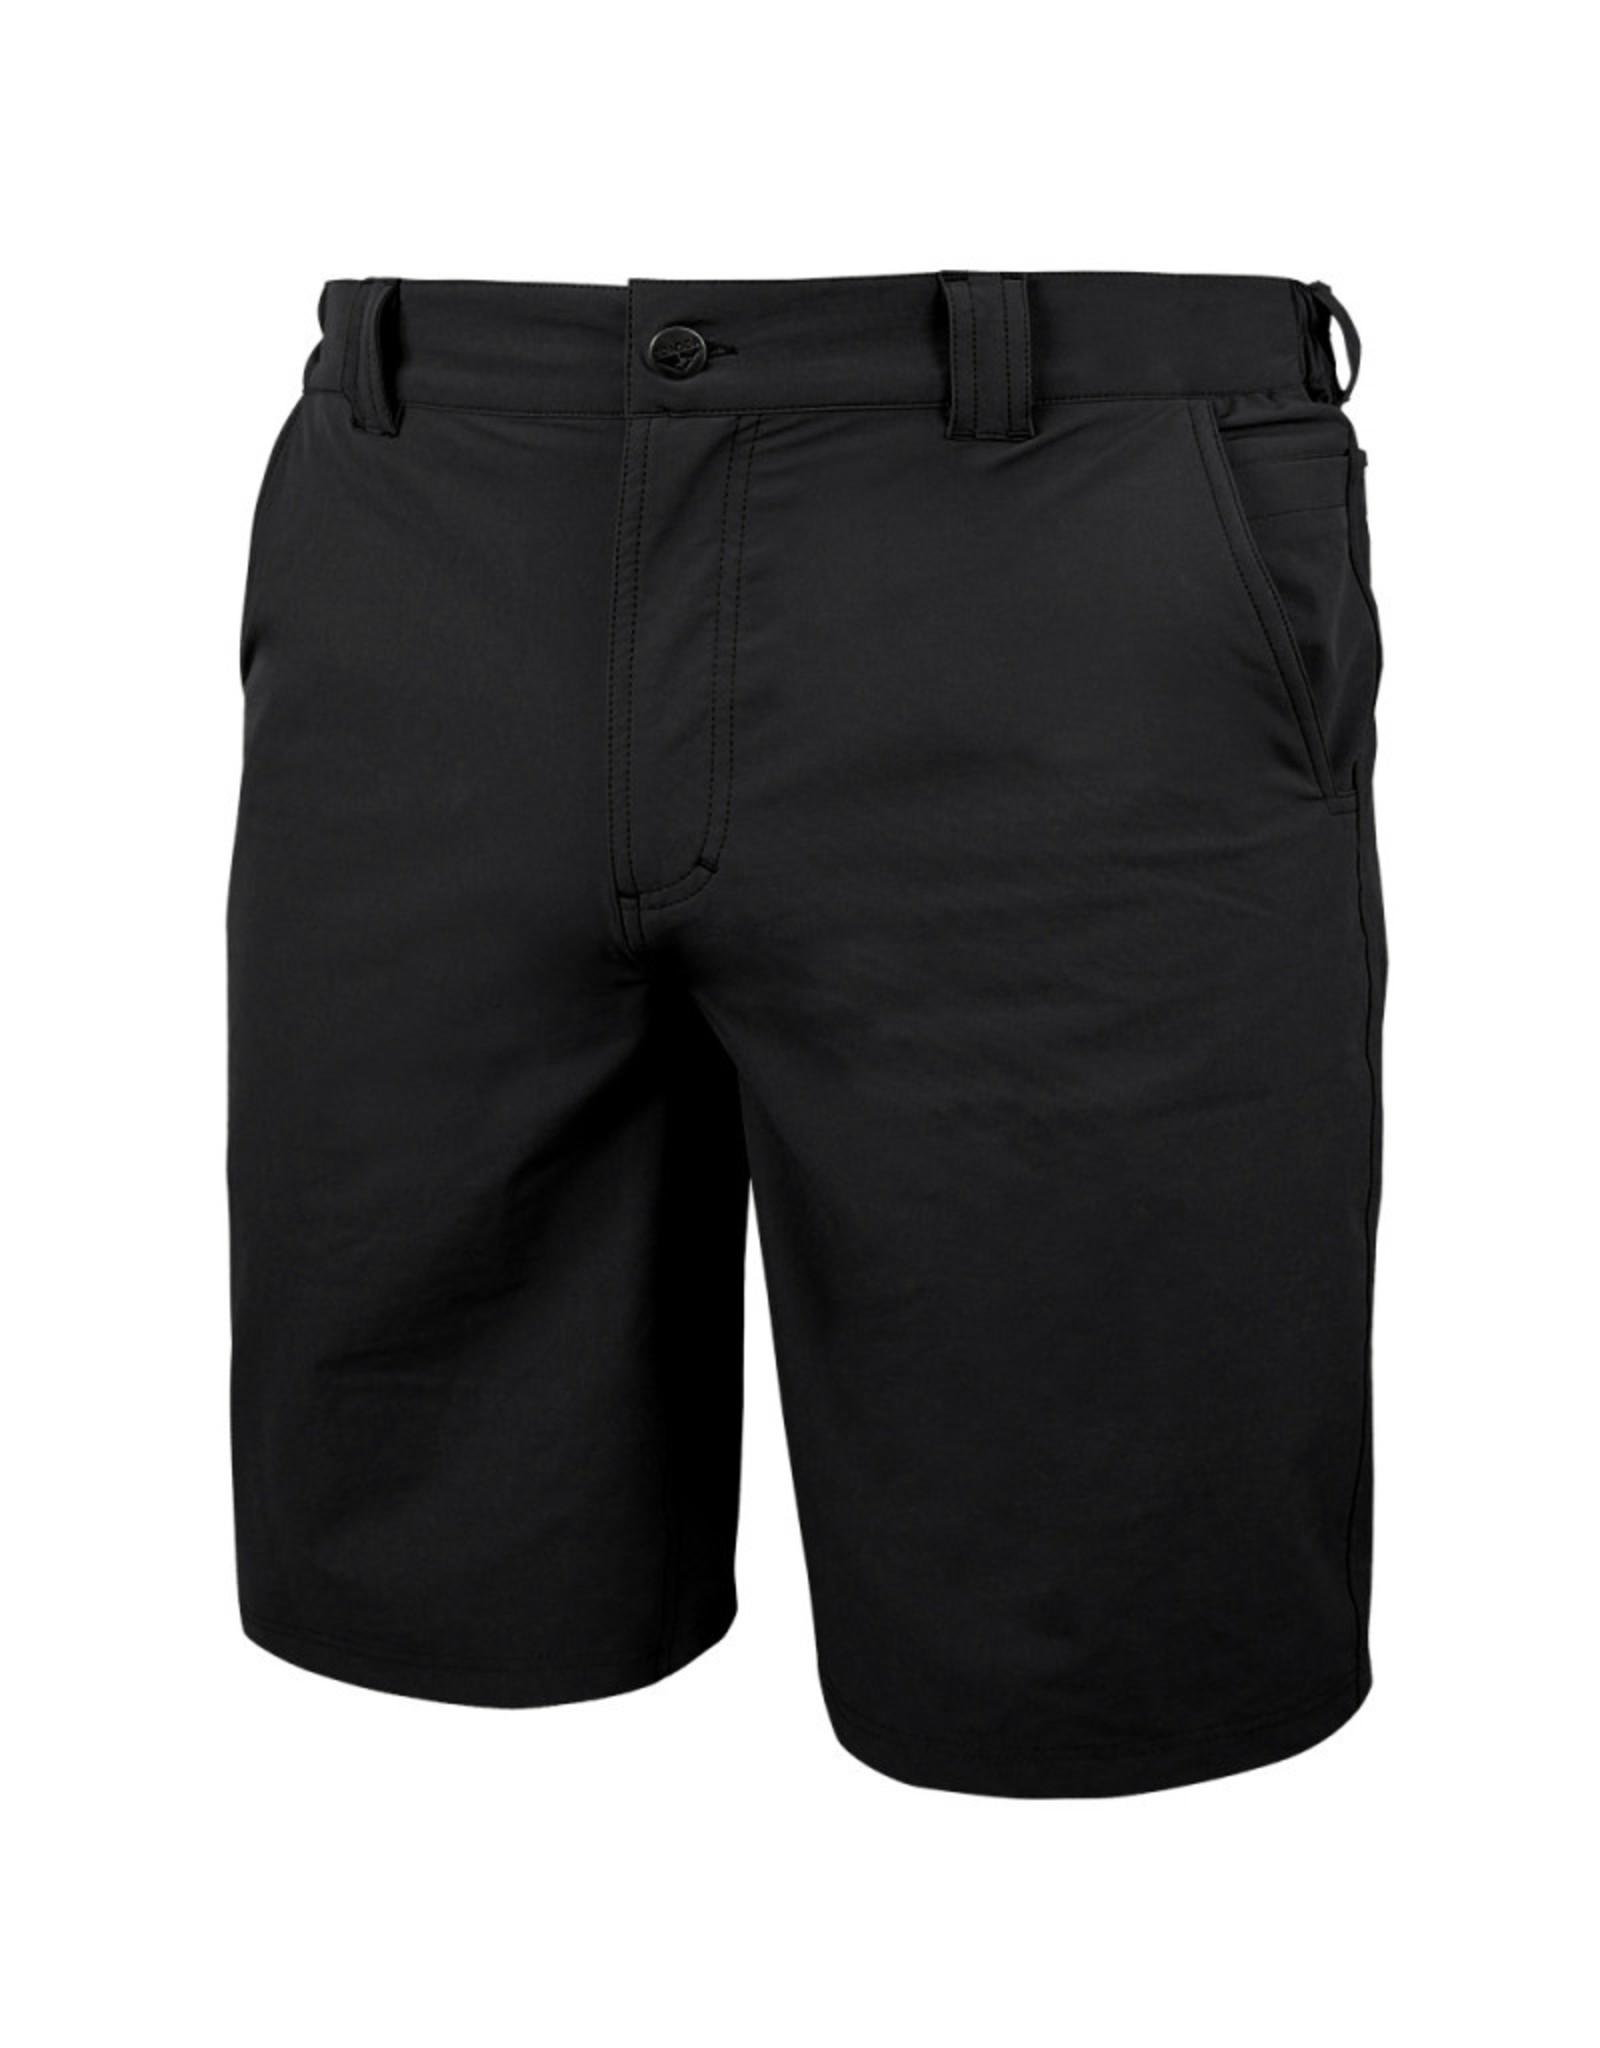 CONDOR TACTICAL CONDOR MAVERICK SHORTS-BLACK